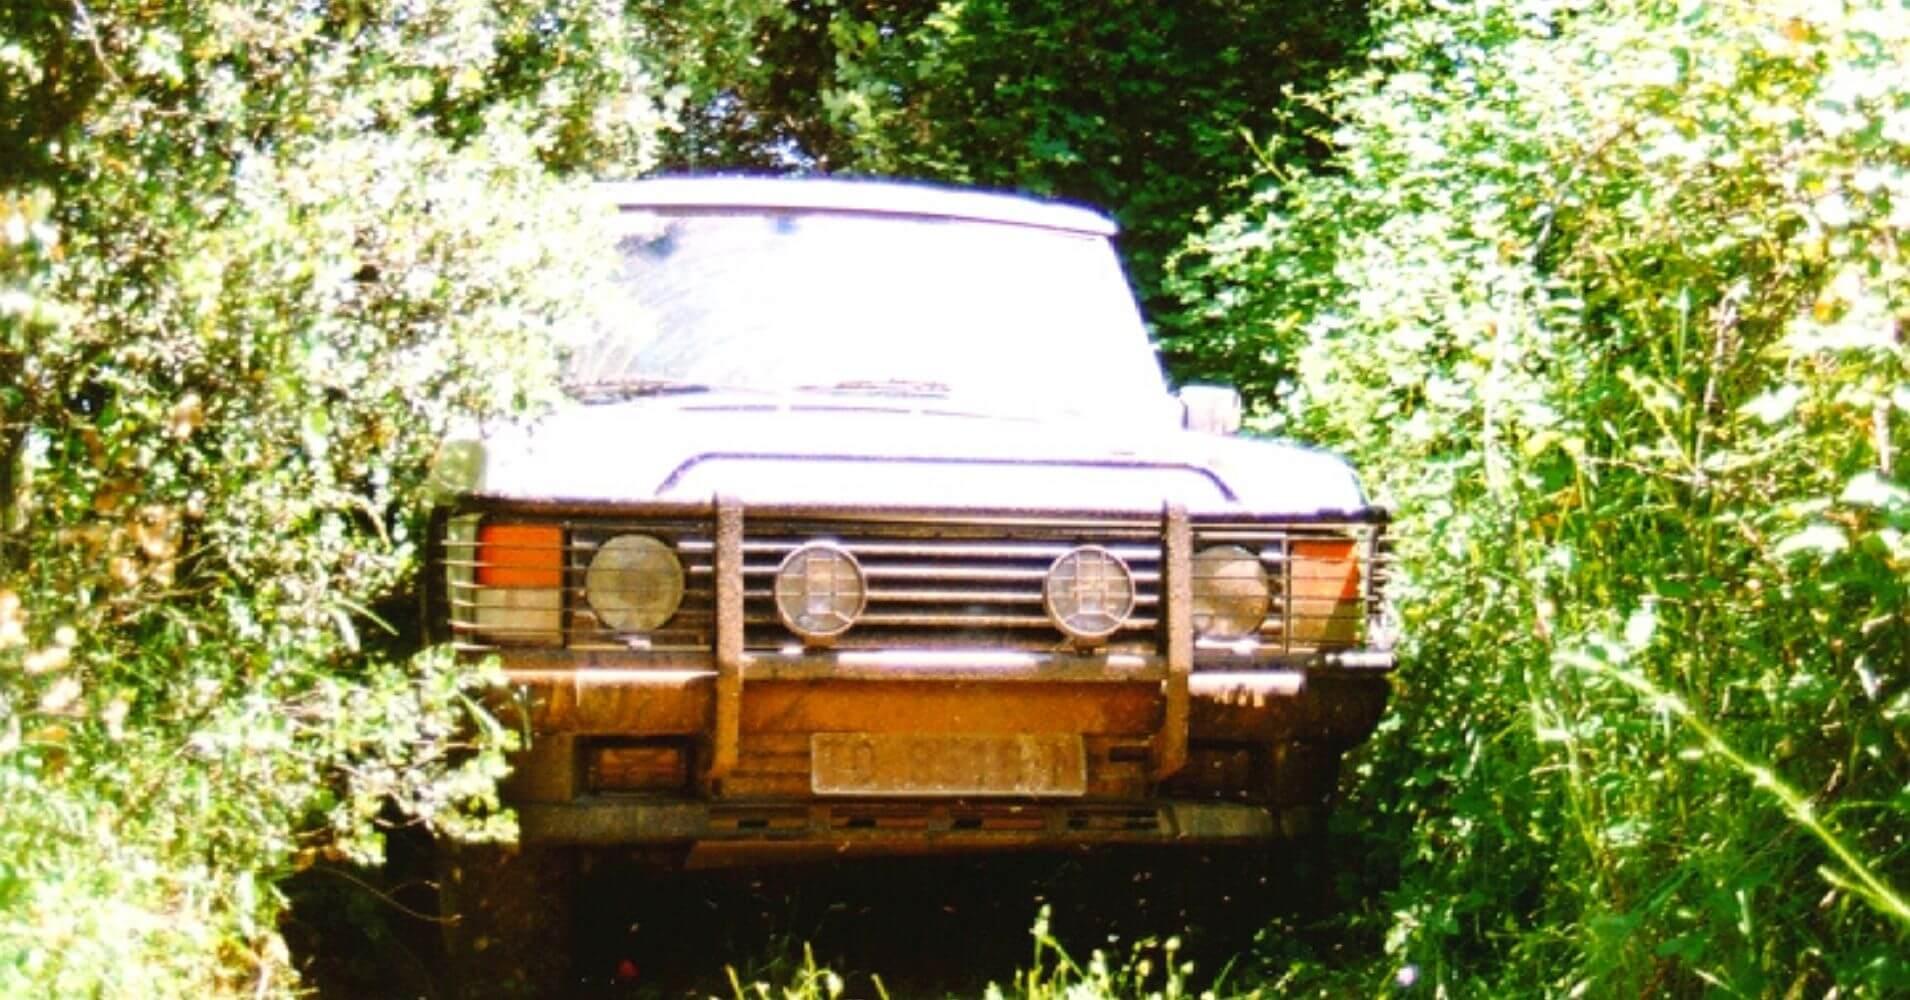 Range Rover entre vegetación. Rutas 4X4 en España.